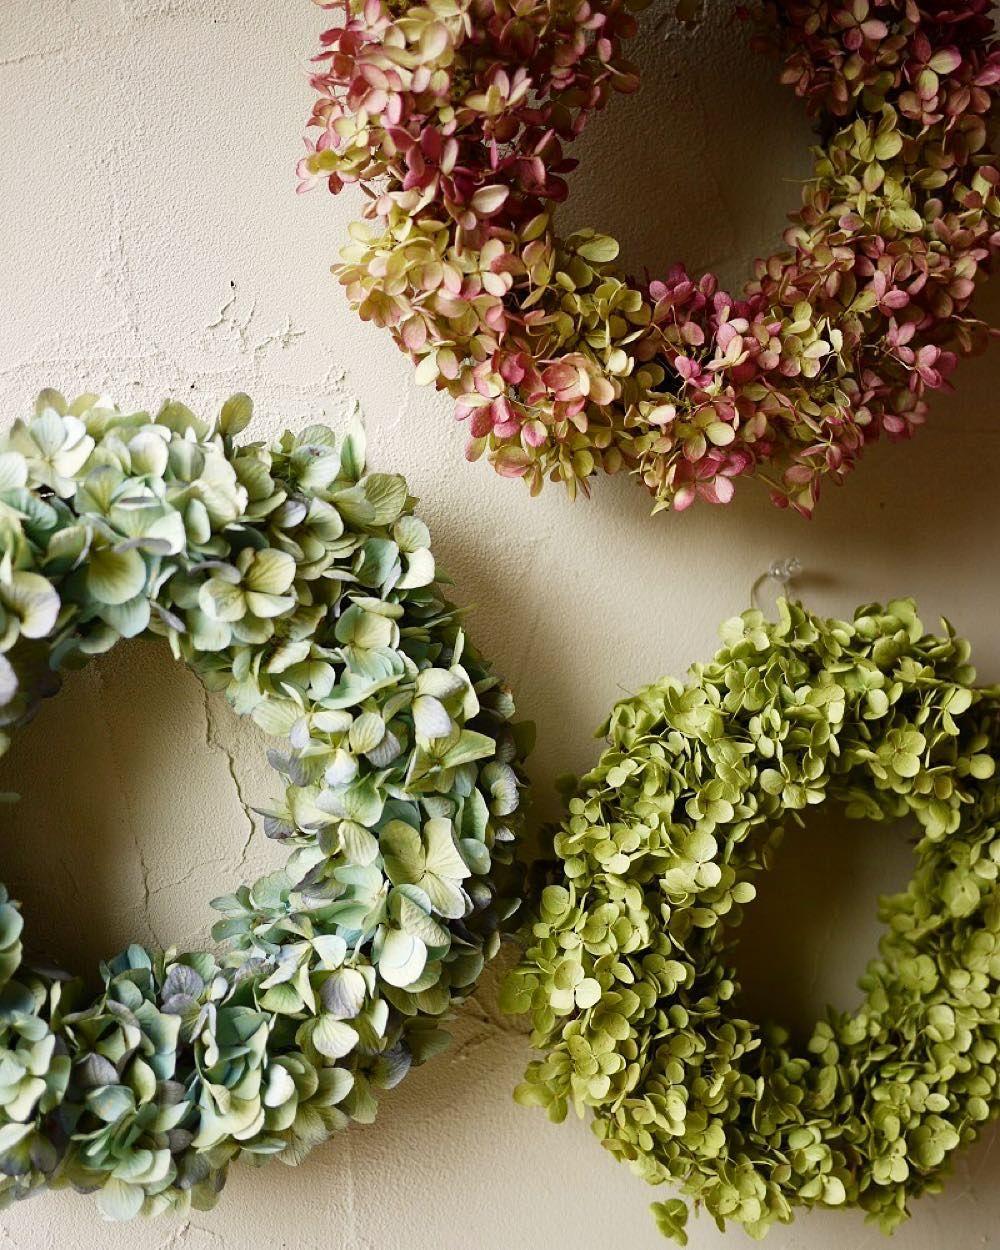 紫陽花だけの簡単リース 今日は爽やかなお天気で気持ちいいですが ドライフラワーのアジサイでリースを作るときは 湿気っぽい日のほうが作りやすいです ちょっと湿気を含んだ花がばらばらになりにくいです 紫陽花 秋色アジサイ リース ミナズキ アナベル